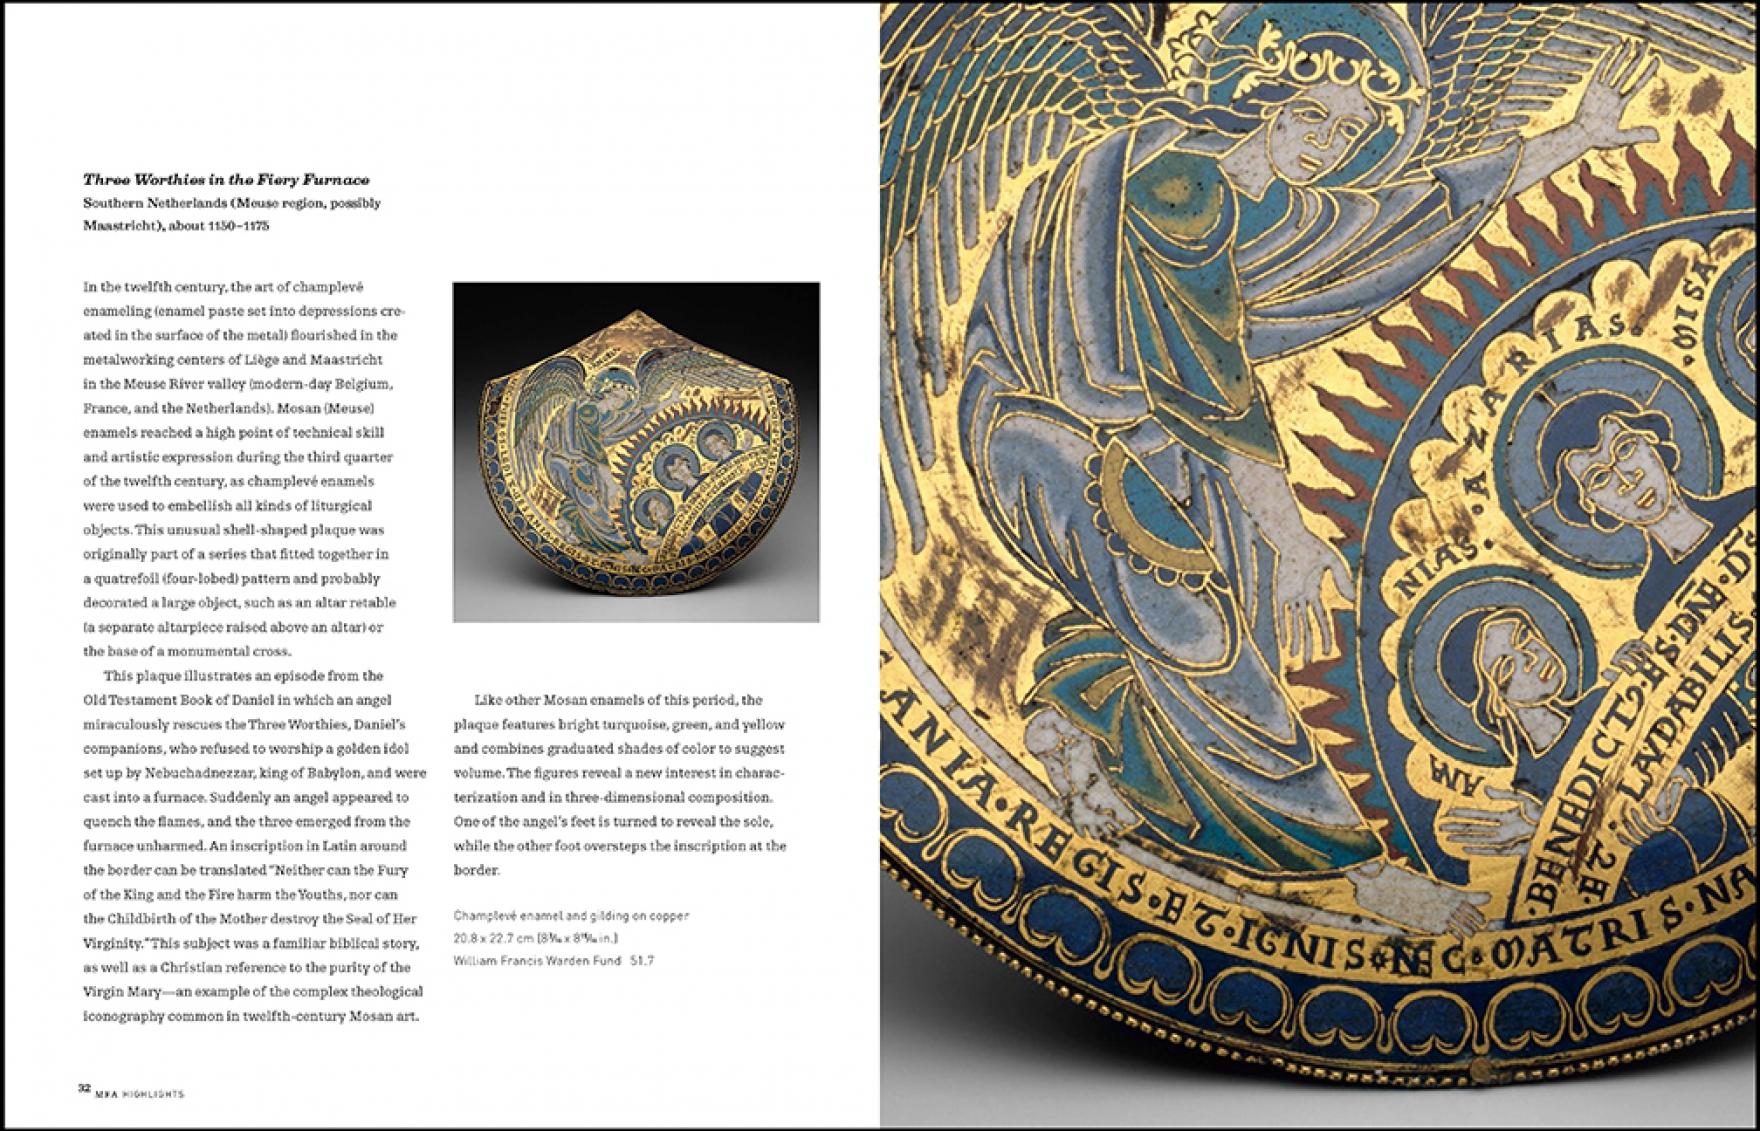 european decorative arts sample spread 1 - Decorative Art